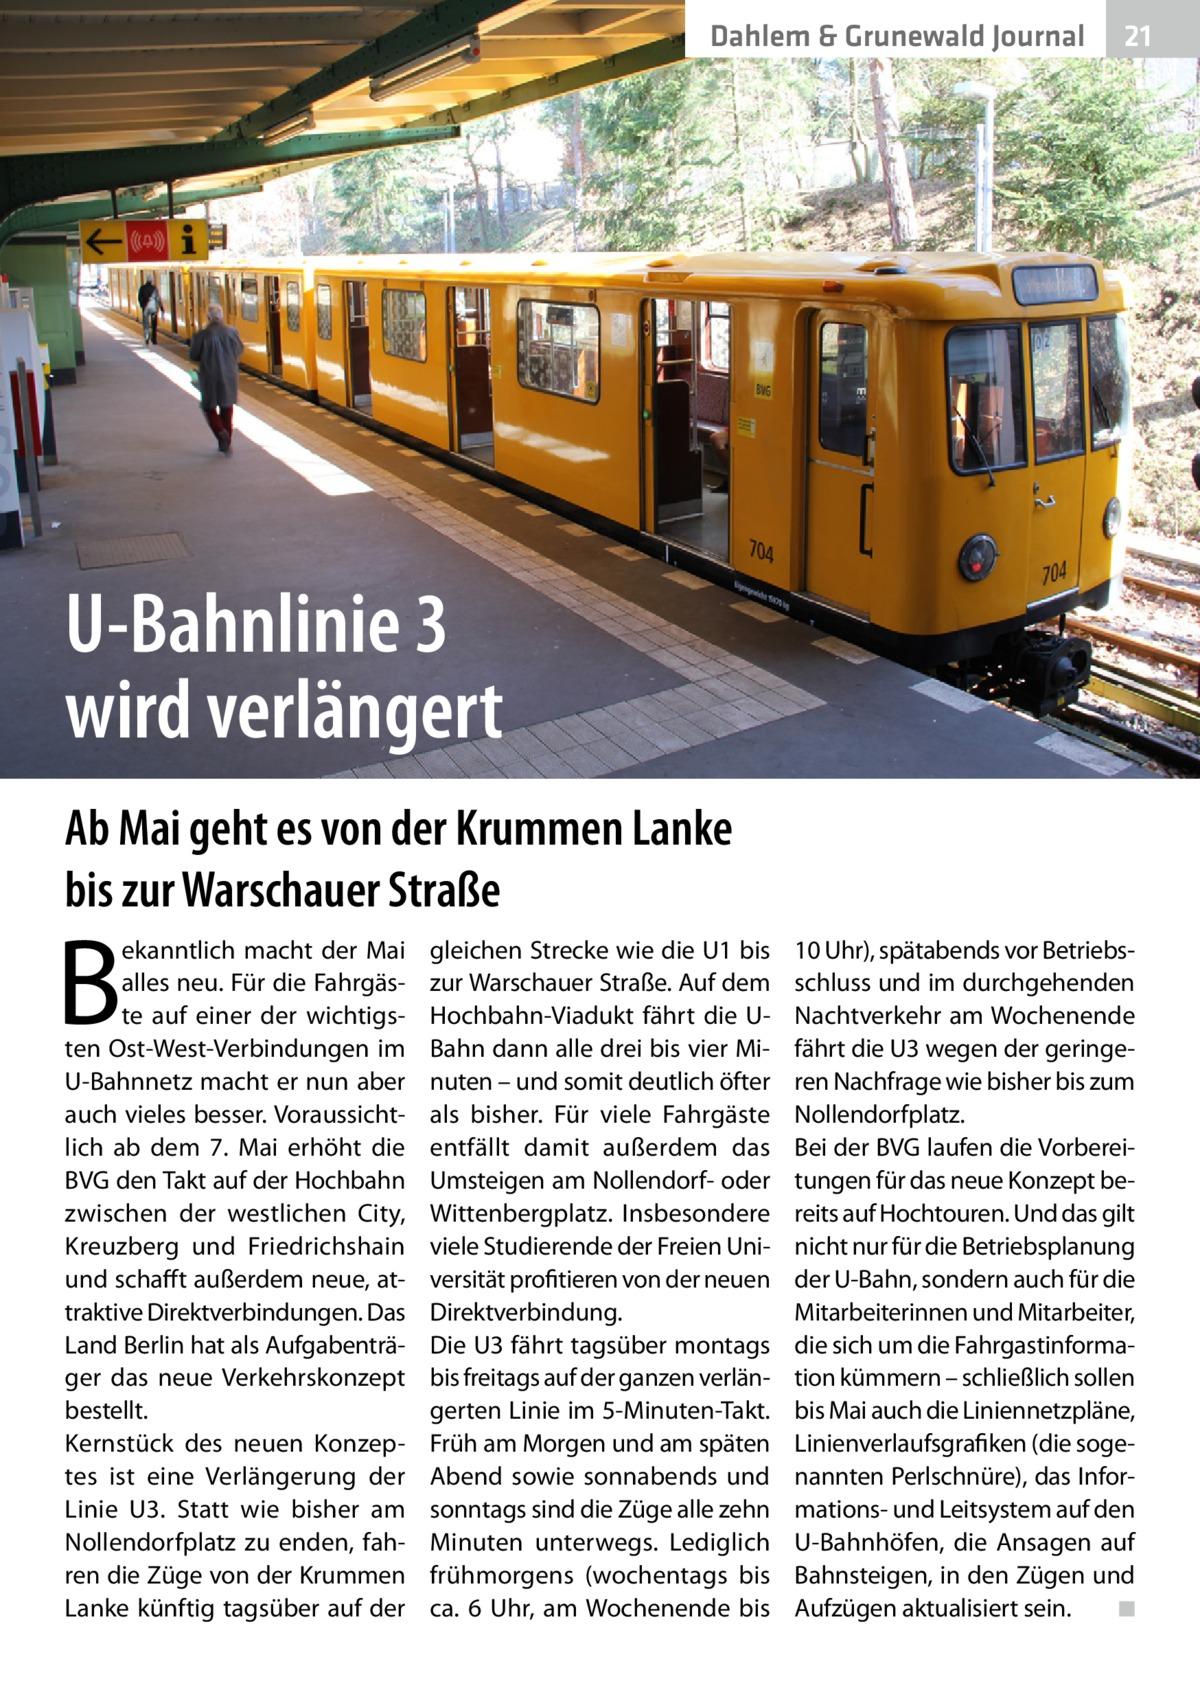 Dahlem & Grunewald Journal  21 21  U-Bahnlinie 3 wird verlängert Ab Mai geht es von der Krummen Lanke bis zur Warschauer Straße  B  ekanntlich macht der Mai alles neu. Für die Fahrgäste auf einer der wichtigsten Ost-West-Verbindungen im U-Bahnnetz macht er nun aber auch vieles besser. Voraussichtlich ab dem 7. Mai erhöht die BVG den Takt auf der Hochbahn zwischen der westlichen City, Kreuzberg und Friedrichshain und schafft außerdem neue, attraktive Direktverbindungen. Das Land Berlin hat als Aufgabenträger das neue Verkehrskonzept bestellt. Kernstück des neuen Konzeptes ist eine Verlängerung der Linie U3. Statt wie bisher am Nollendorfplatz zu enden, fahren die Züge von der Krummen Lanke künftig tagsüber auf der  gleichen Strecke wie die U1 bis zur Warschauer Straße. Auf dem Hochbahn-Viadukt fährt die UBahn dann alle drei bis vier Minuten – und somit deutlich öfter als bisher. Für viele Fahrgäste entfällt damit außerdem das Umsteigen am Nollendorf- oder Wittenbergplatz. Insbesondere viele Studierende der Freien Universität profitieren von der neuen Direktverbindung. Die U3 fährt tagsüber montags bis freitags auf der ganzen verlängerten Linie im 5-Minuten-Takt. Früh am Morgen und am späten Abend sowie sonnabends und sonntags sind die Züge alle zehn Minuten unterwegs. Lediglich frühmorgens (wochentags bis ca. 6 Uhr, am Wochenende bis  10Uhr), spätabends vor Betriebsschluss und im durchgehenden Nachtverkehr am Wochenende fährt die U3 wegen der geringeren Nachfrage wie bisher bis zum Nollendorfplatz. Bei der BVG laufen die Vorbereitungen für das neue Konzept bereits auf Hochtouren. Und das gilt nicht nur für die Betriebsplanung der U-Bahn, sondern auch für die Mitarbeiterinnen und Mitarbeiter, die sich um die Fahrgastinformation kümmern – schließlich sollen bis Mai auch die Liniennetzpläne, Linienverlaufsgrafiken (die sogenannten Perlschnüre), das Informations- und Leitsystem auf den U-Bahnhöfen, die Ansagen auf Bahnsteigen, in den Zügen und Aufzügen aktualisiert sein.